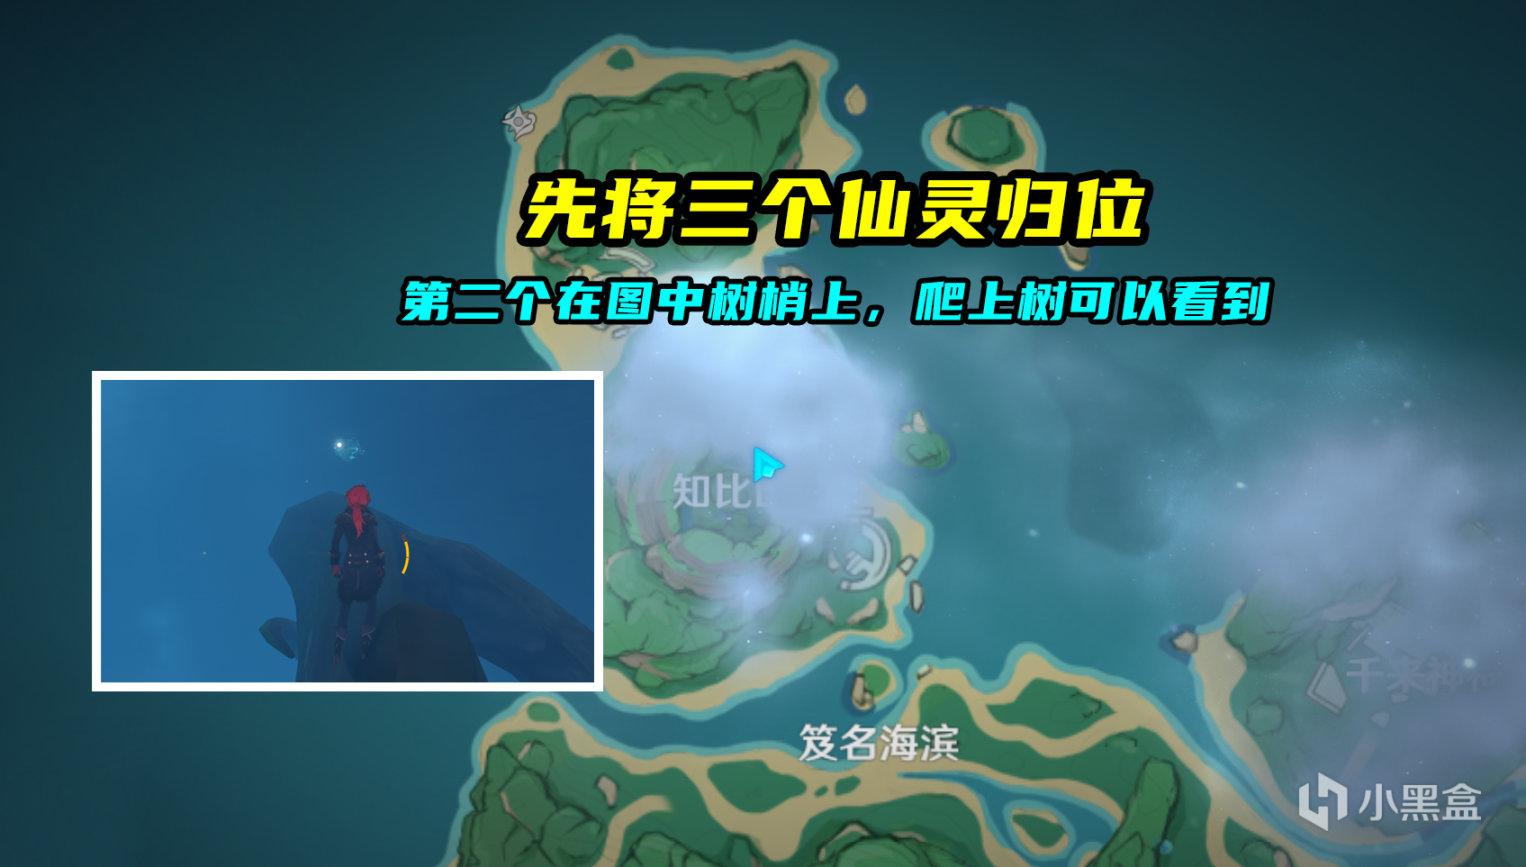 【雾海纪行】最详细的全攻略(多图警告)插图32